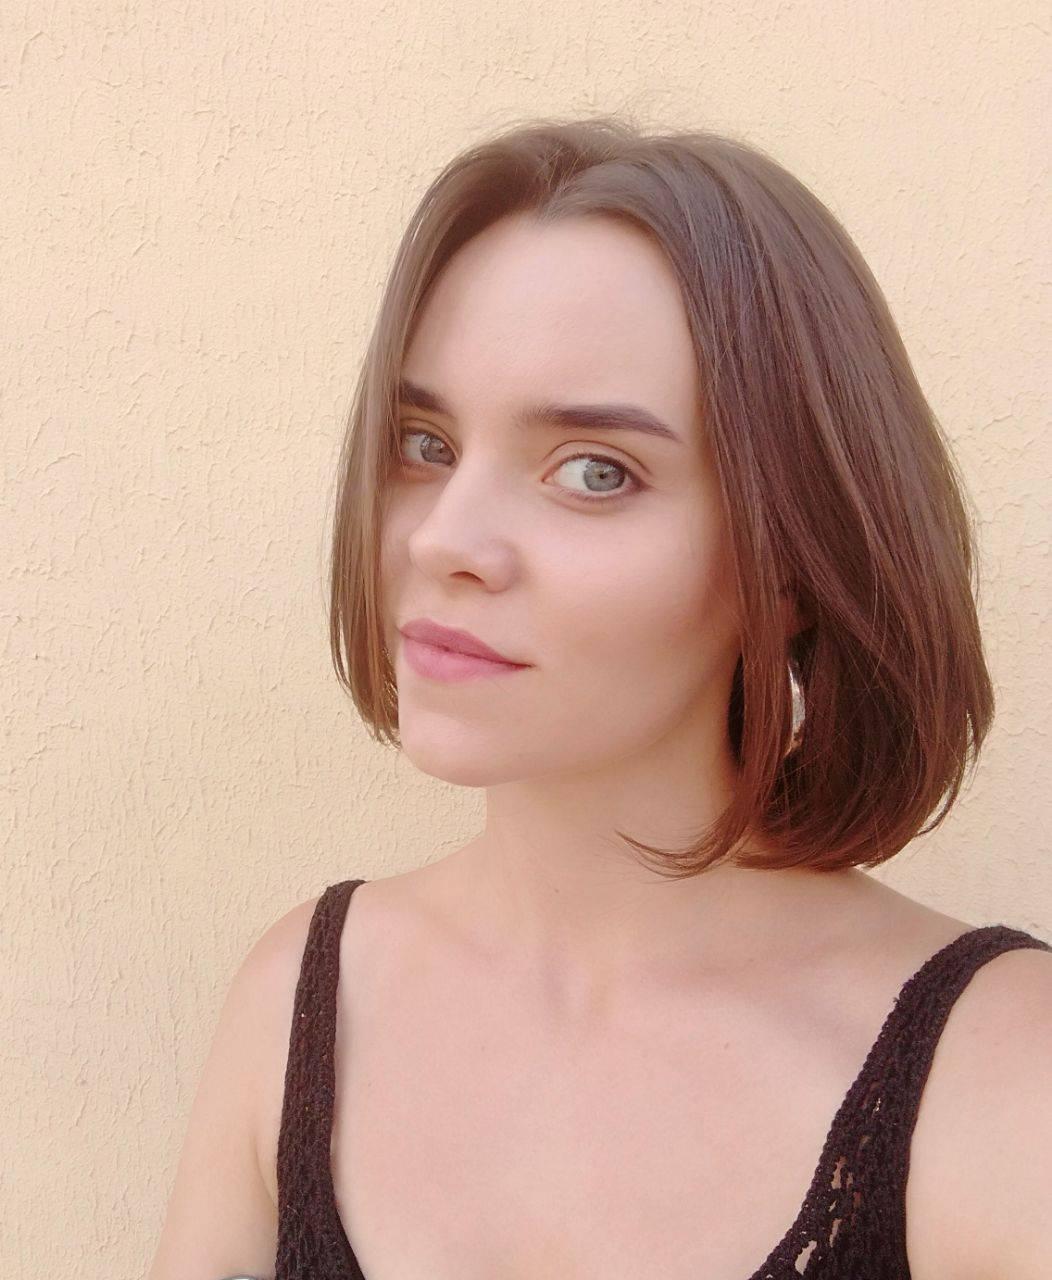 Девушка-блогер показала, как изменилось ее лицо после того, как она отказалась от вегетарианского рациона и снова начала есть мясо спустя 4 года